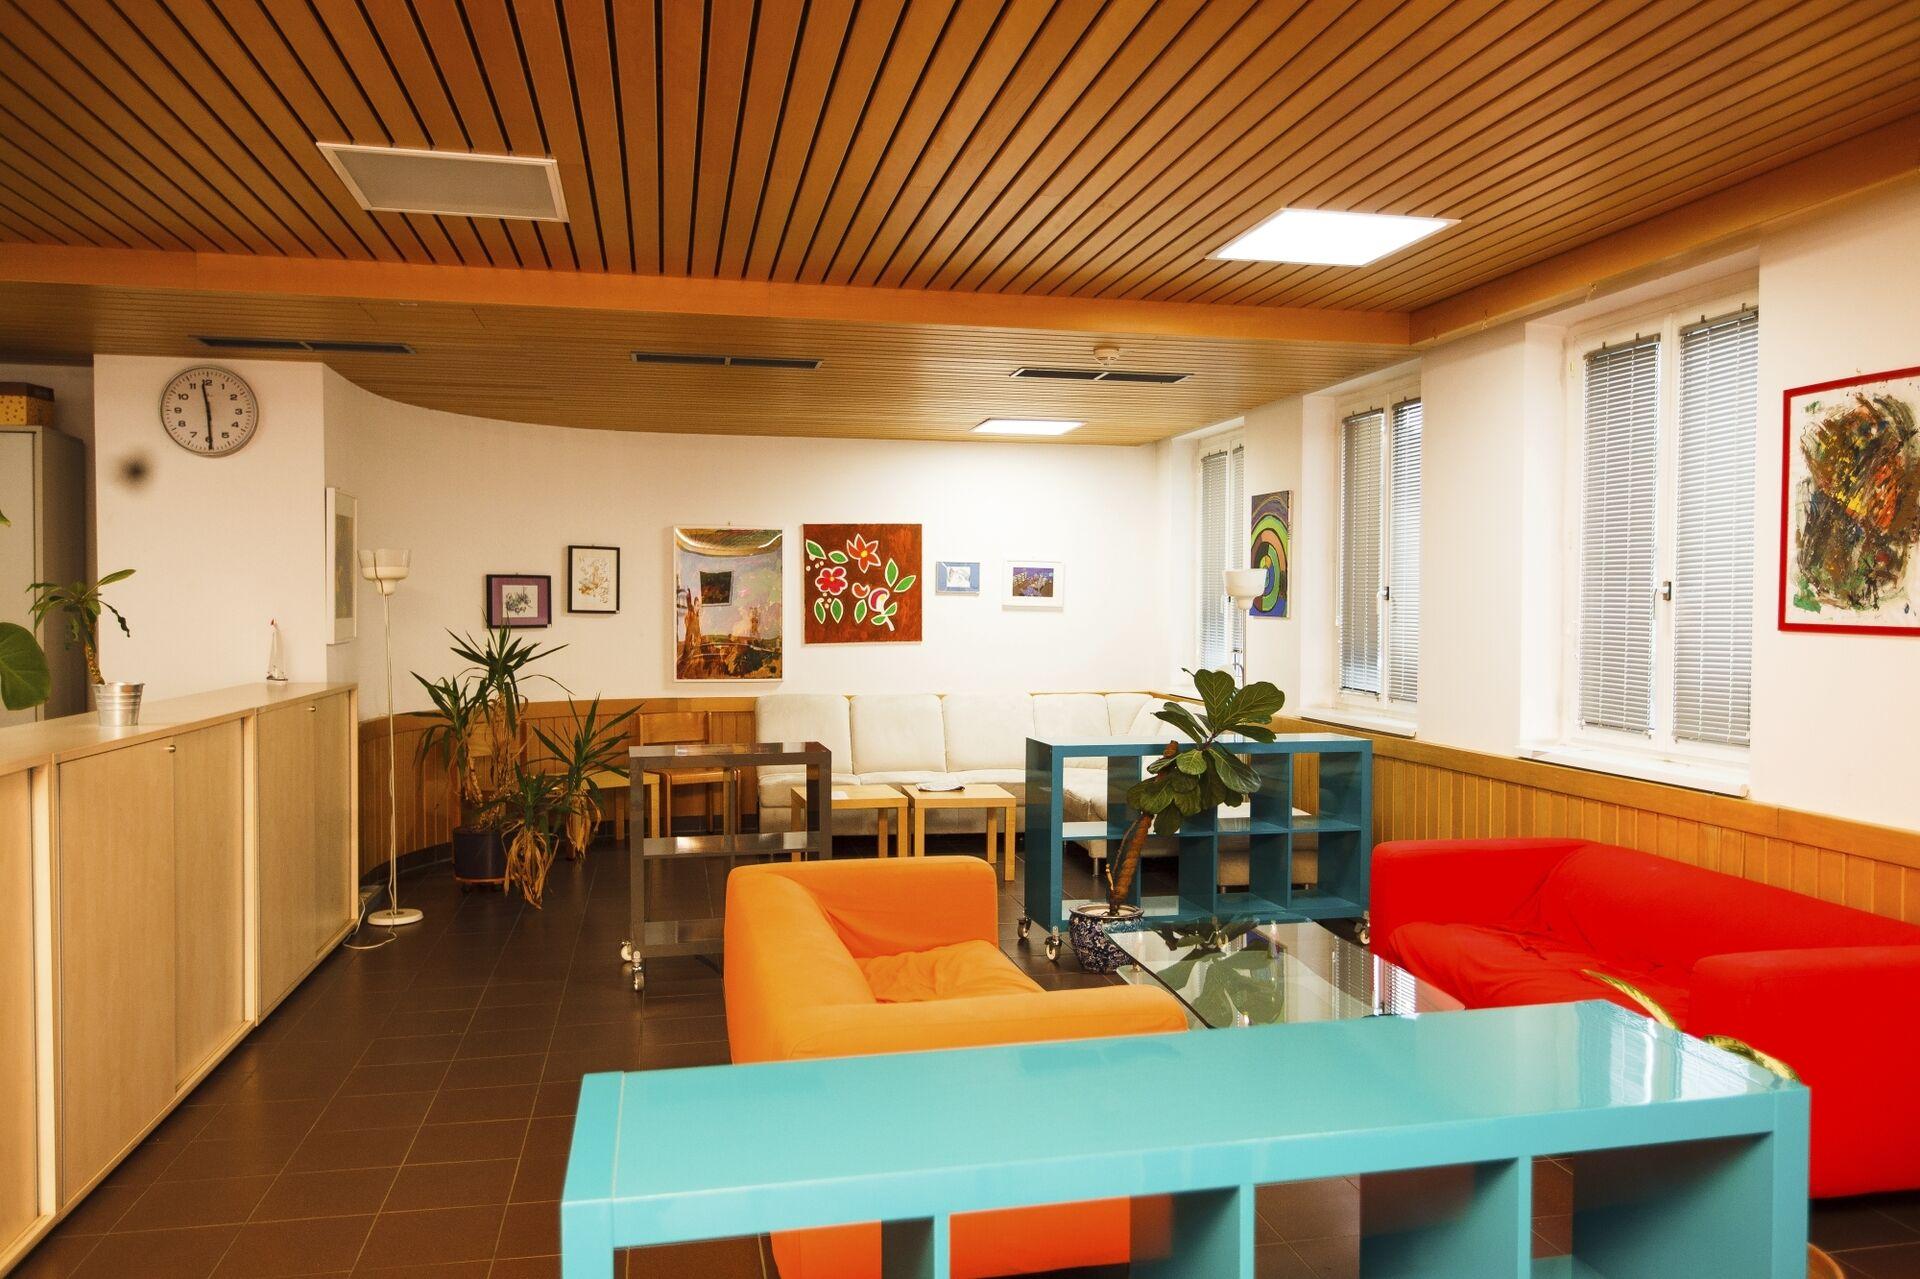 Fein Besucherraum Design Fotos - Images for inspirierende Ideen für ...